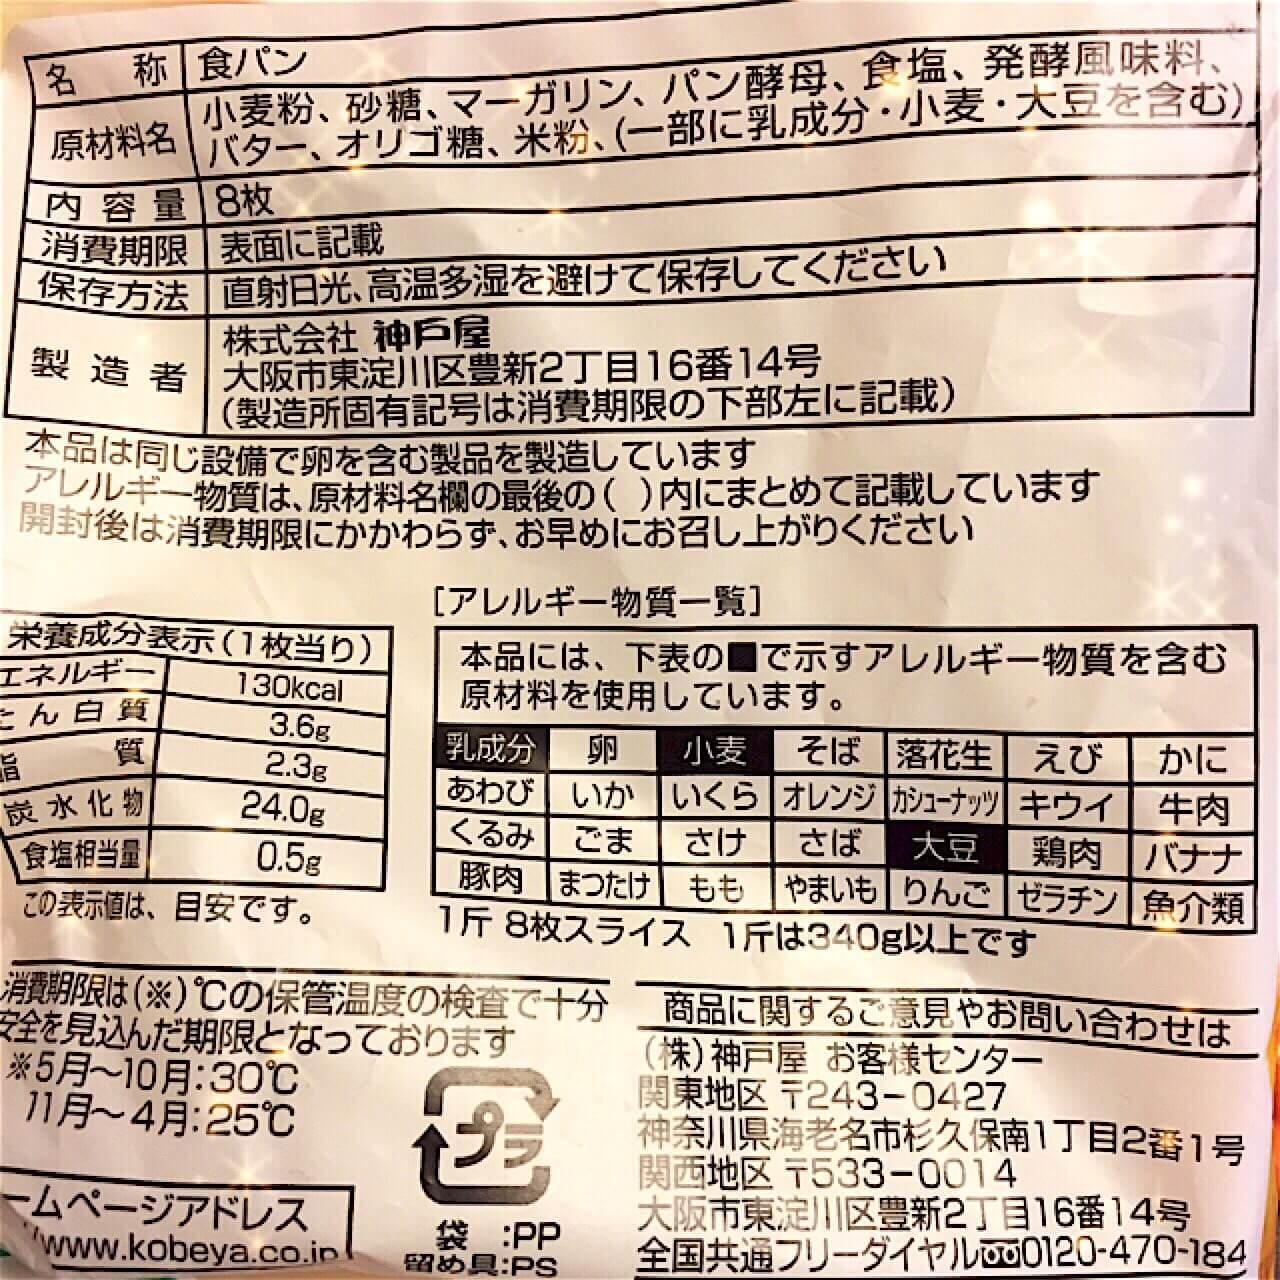 卵白アレルギーの赤ちゃんが食べられる食パン『神戸屋 もちふわ 匠の逸品』のブログ画像